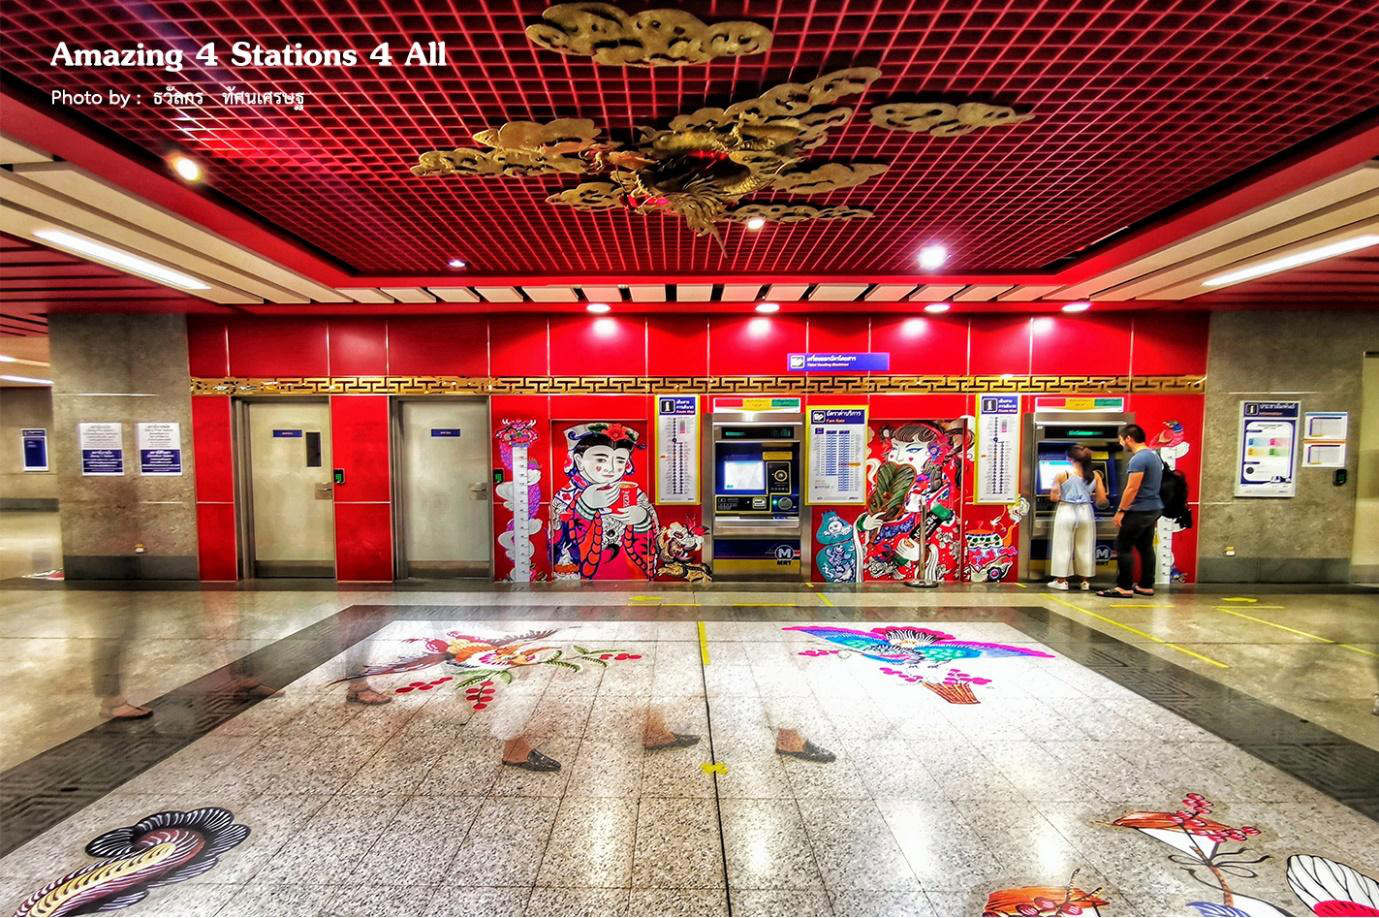 Chờ ngày hết dịch, mình hẹn gặp nhau tại 5 ga tàu đi khắp Bangkok này bạn nhé! - Ảnh 4.